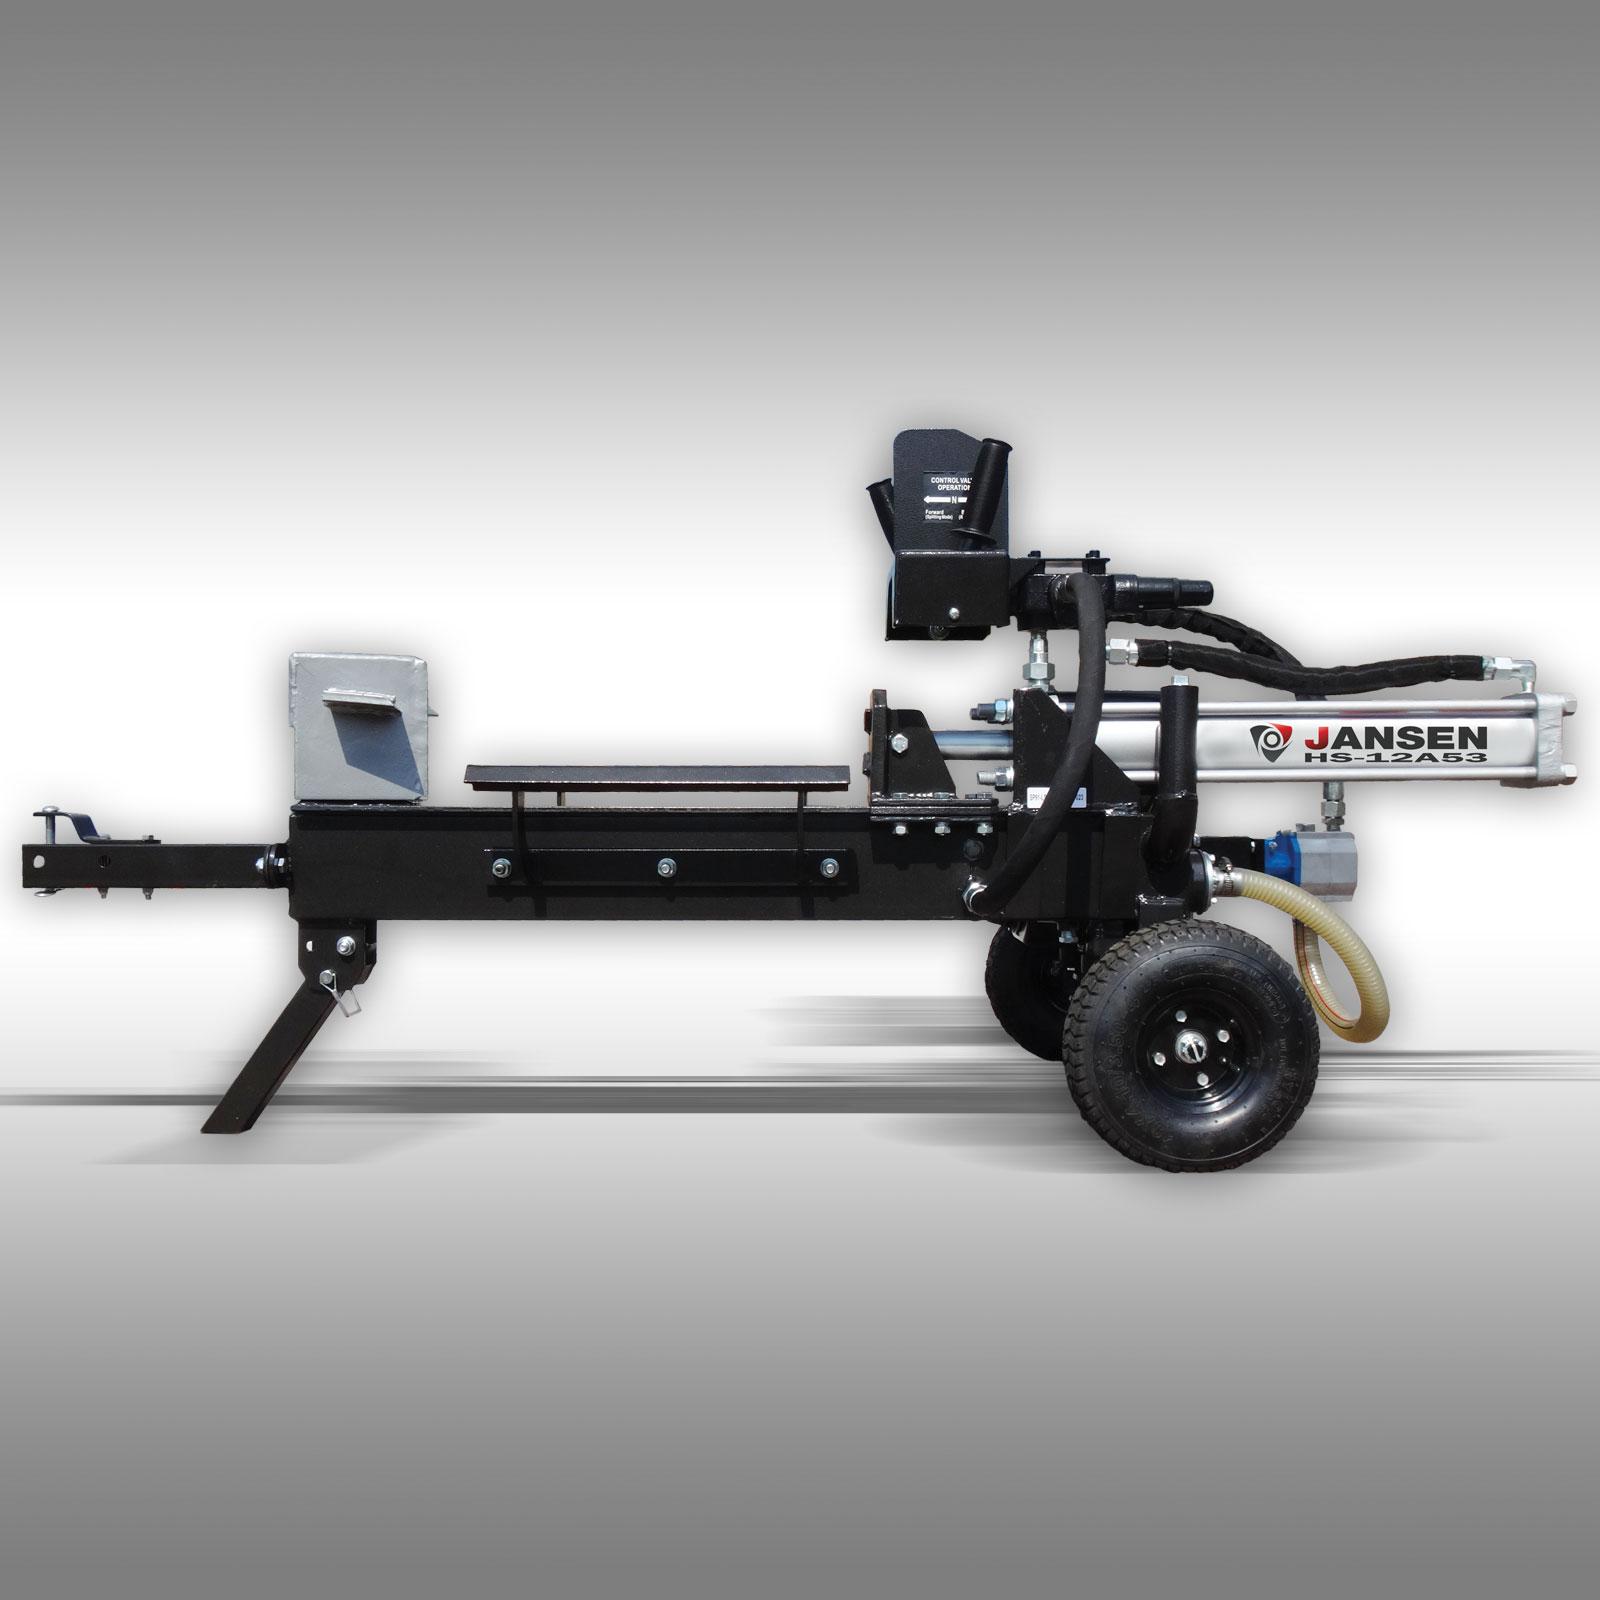 Jansen Houtklover HS-12L53, 12 t, 53 cm, liggend, 6,5 pk benzine, Kloofmachine